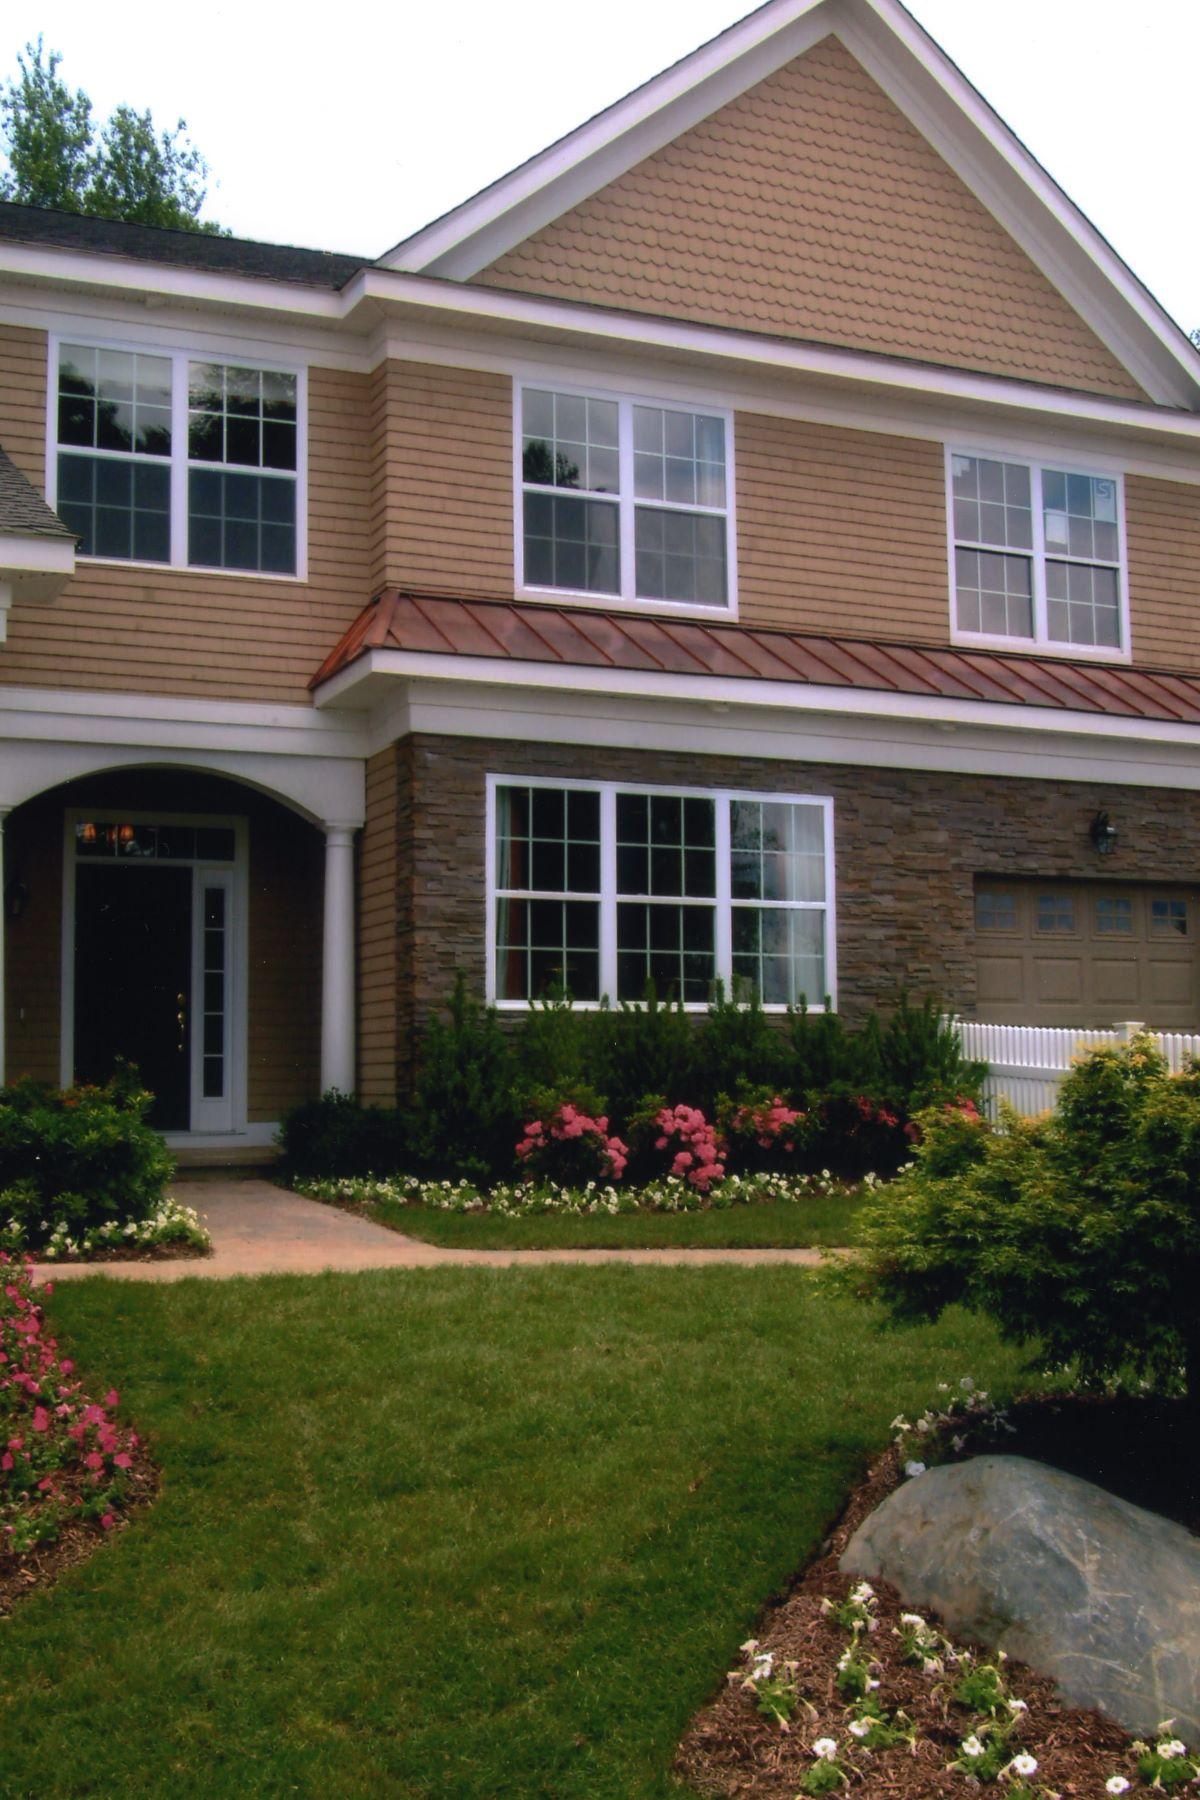 Maison unifamiliale pour l Vente à Luxury 4BR Townhouse 8 Haley Ln 102 Litchfield, Connecticut, 06759 États-Unis